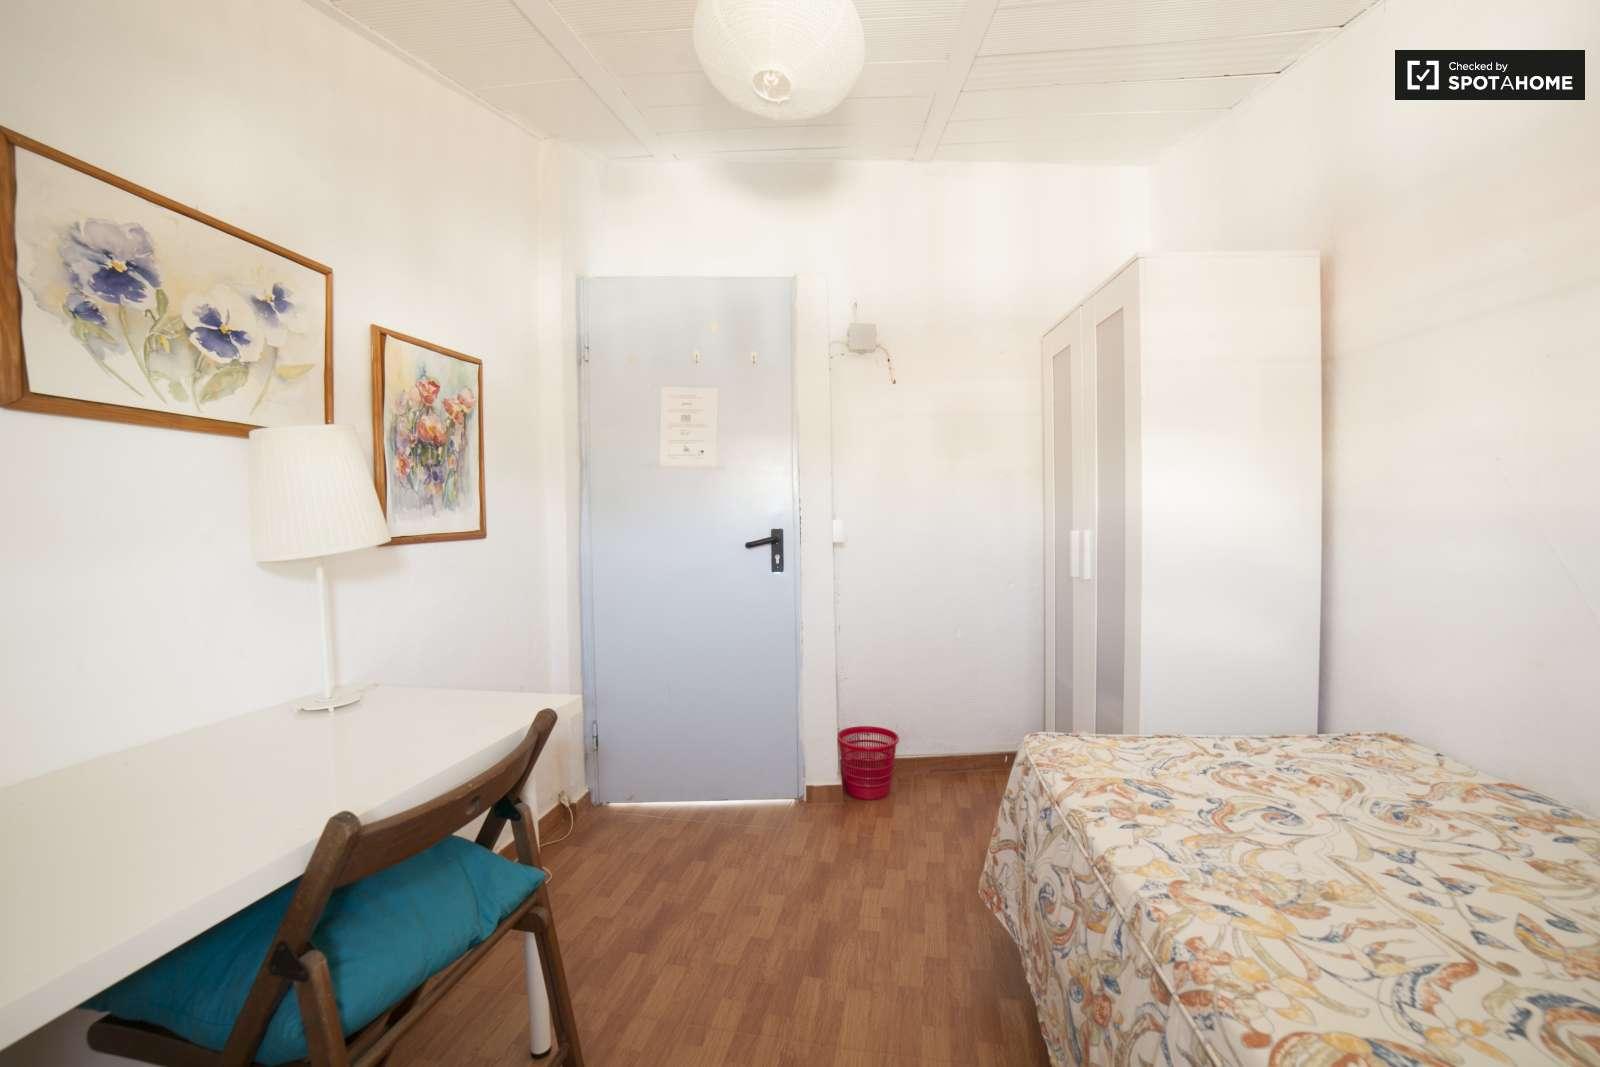 Bedroom El Palomar Furnished room in shared